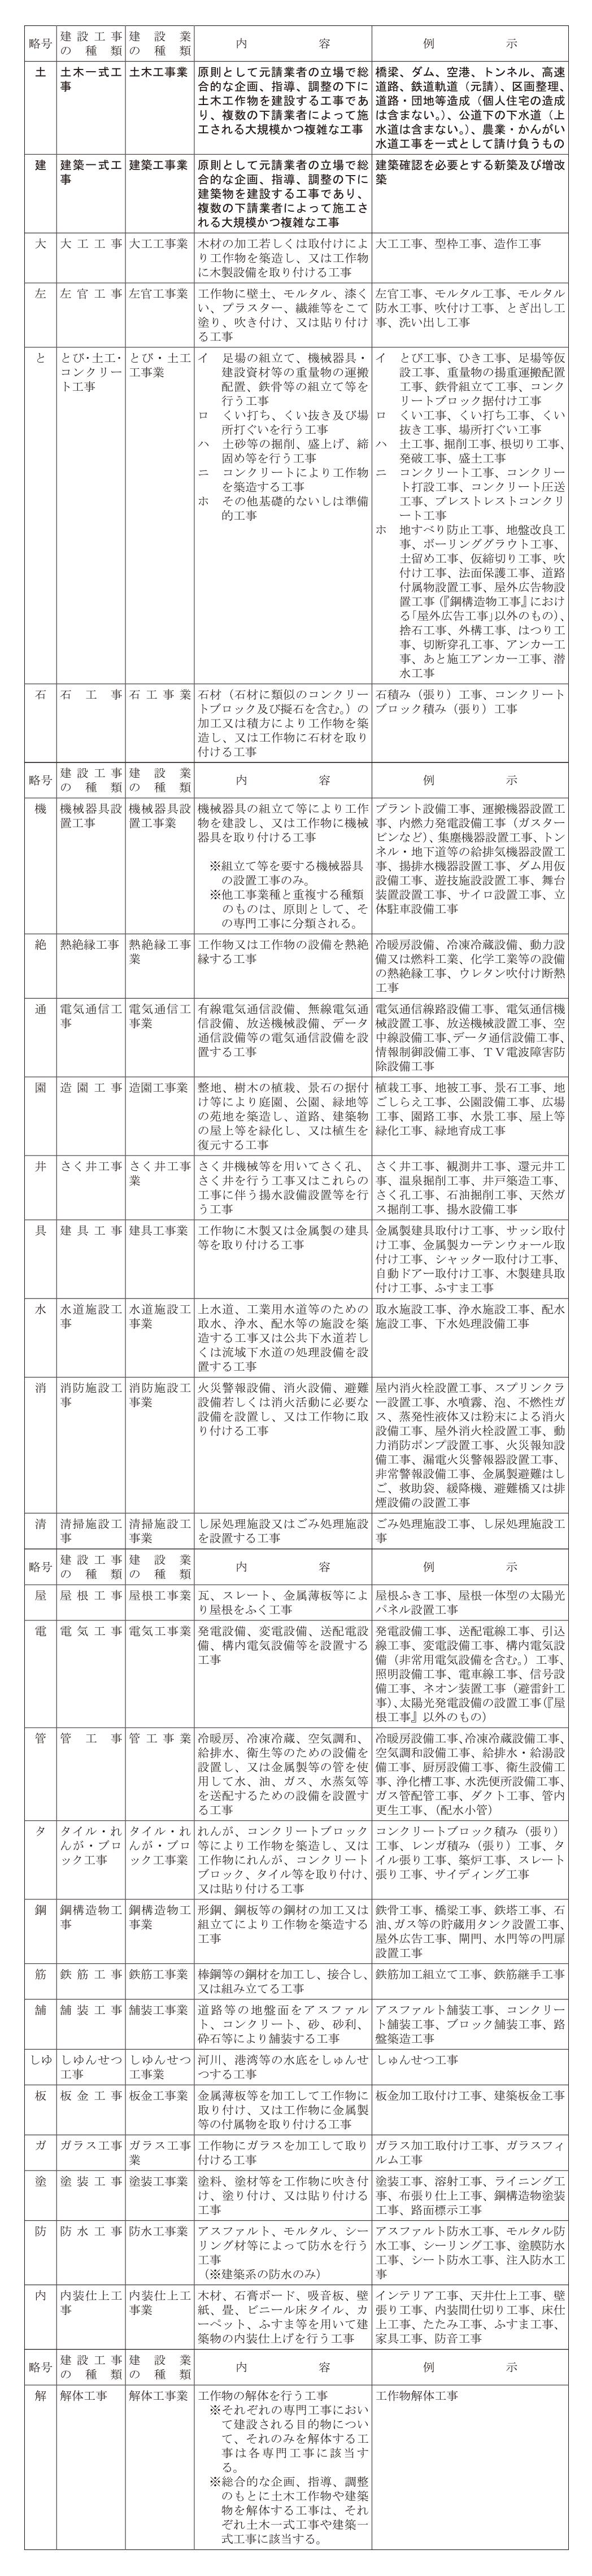 建設業の種類と略号(29業種)